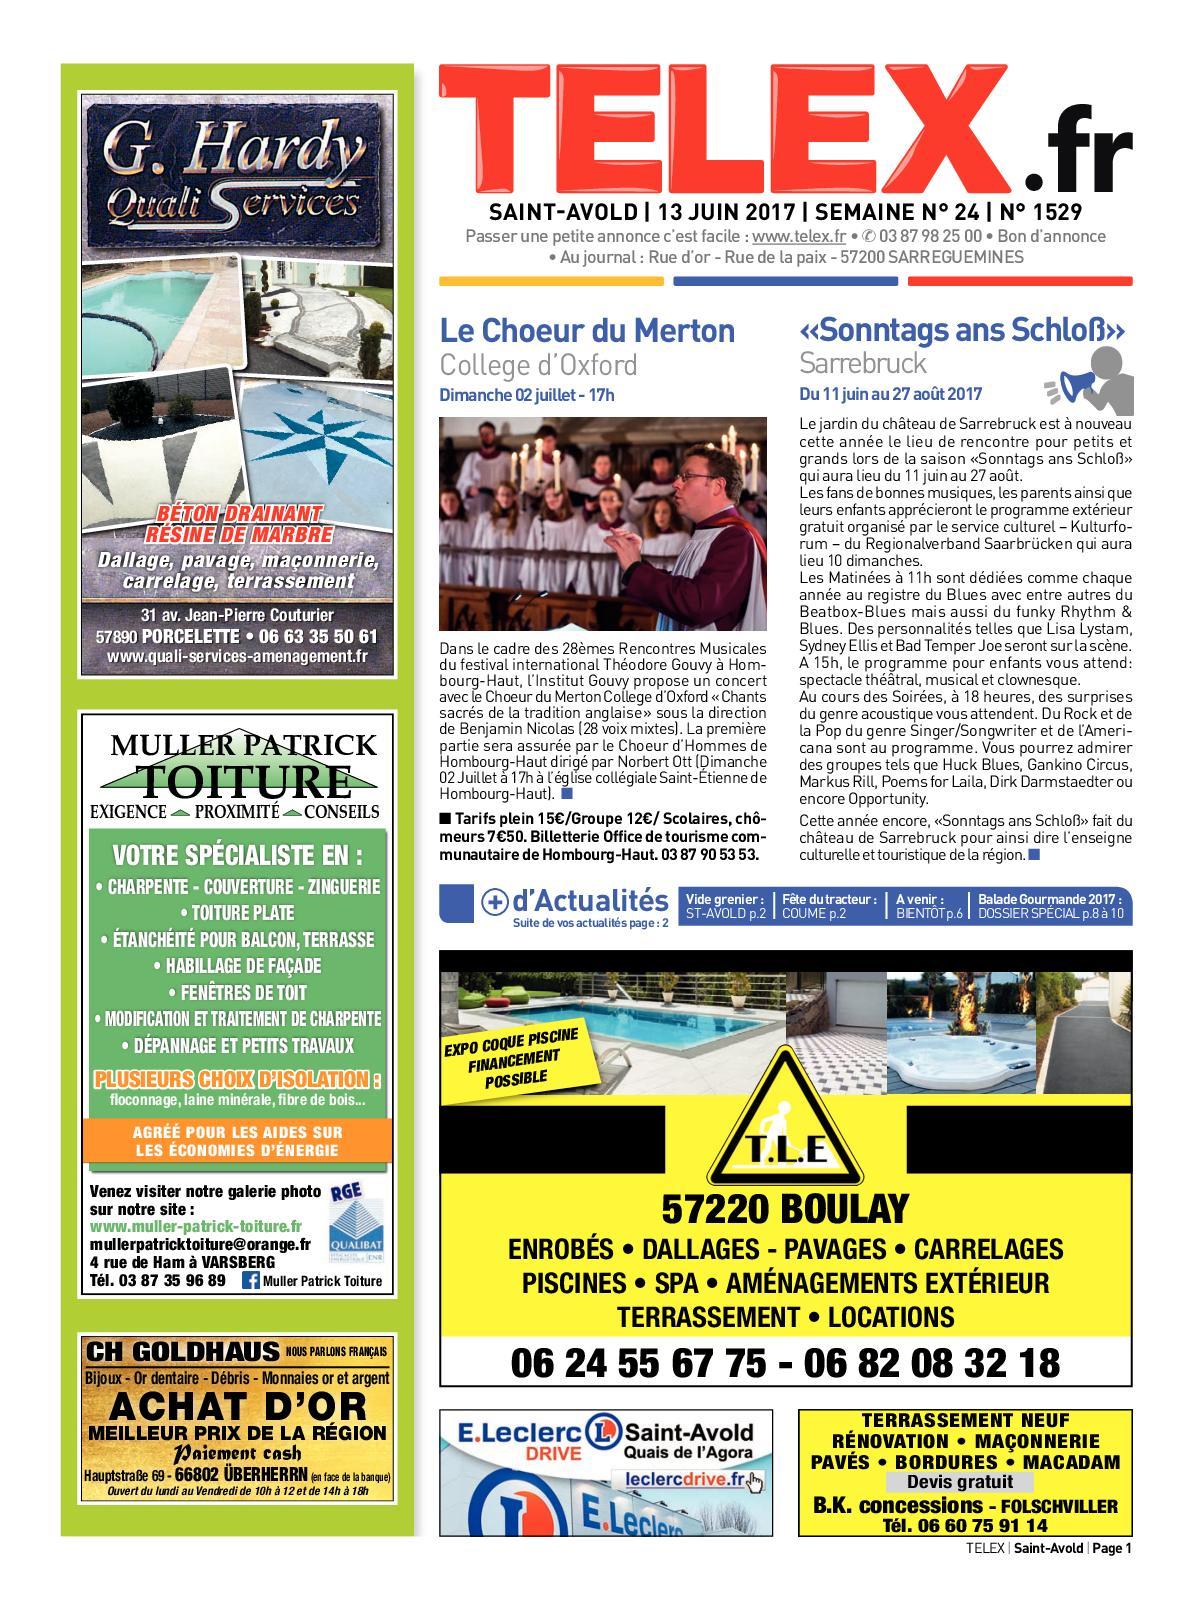 Leclerc Mobile Mon Compte Best Of Calaméo 2417 Saint Avold Of 40 Élégant Leclerc Mobile Mon Compte